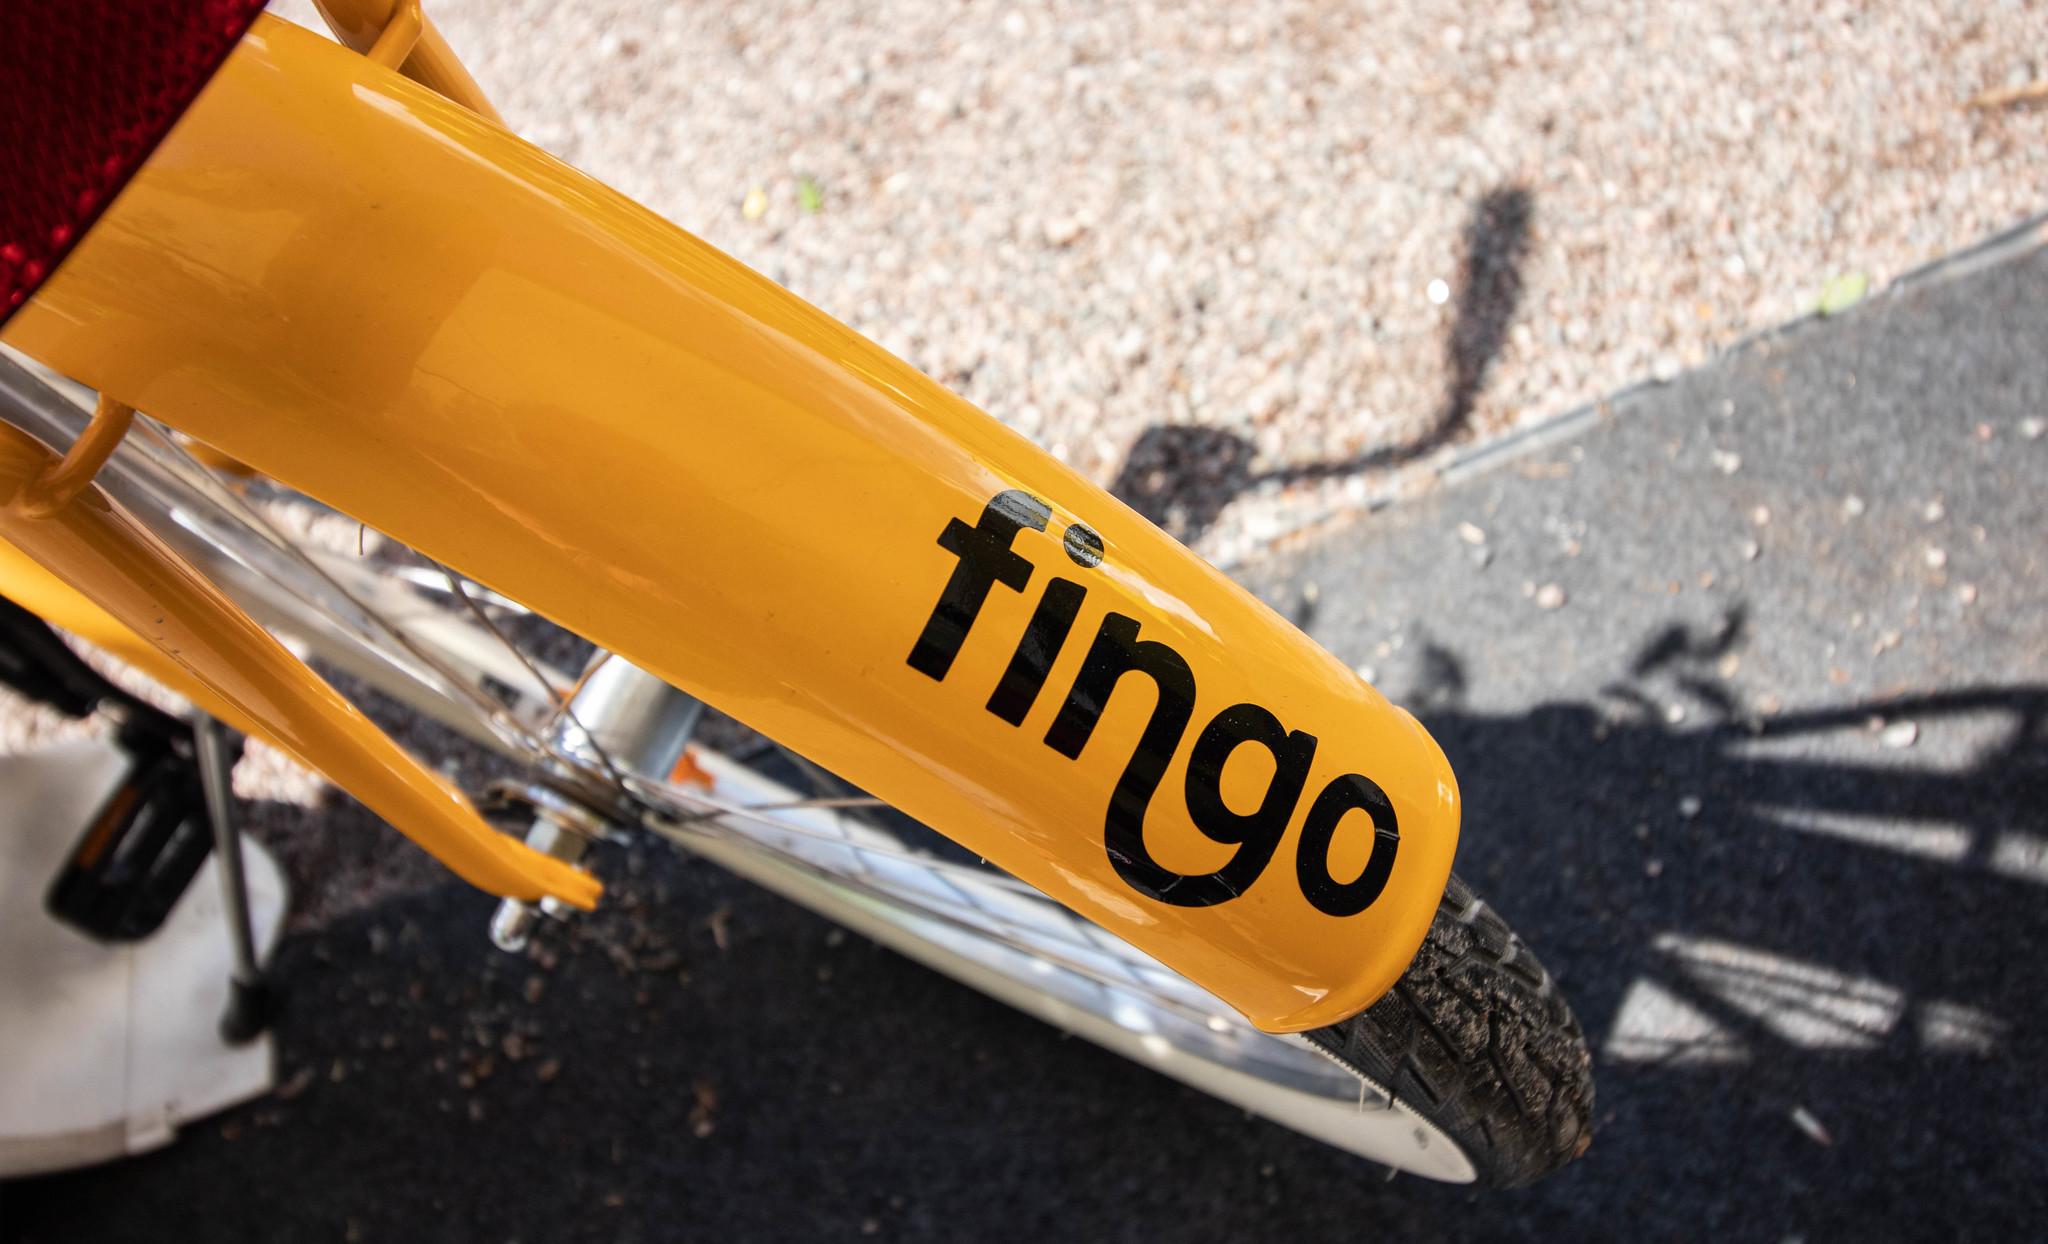 Polkupyörän lokasuoja tekstillä Fingo